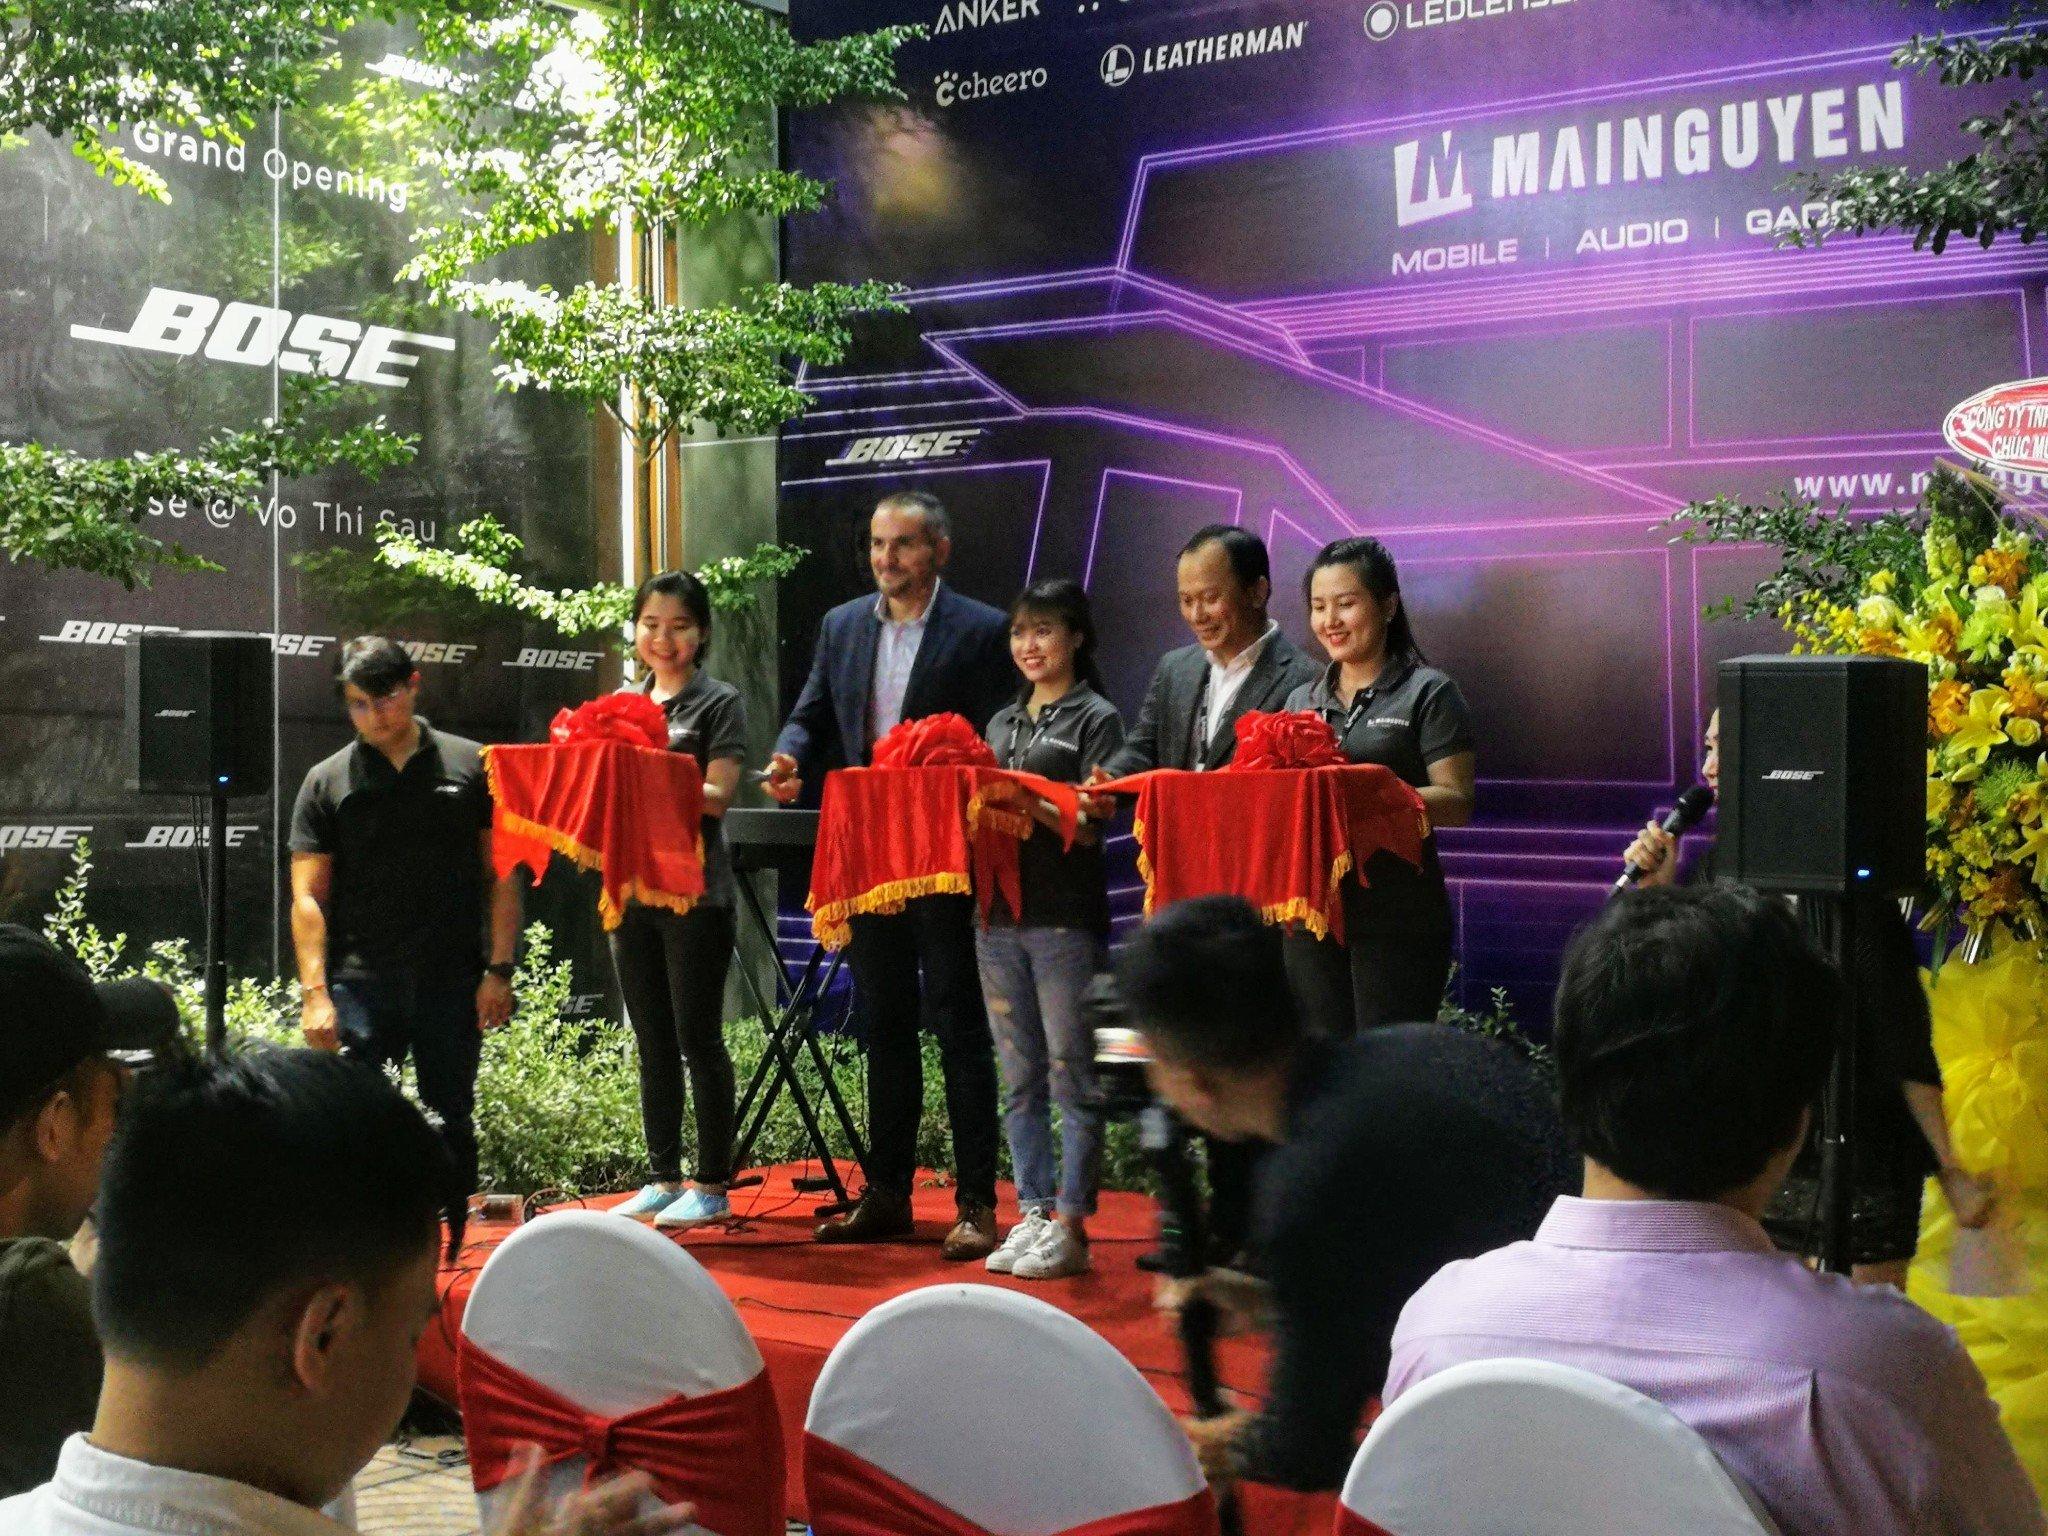 Mục sở thị trung tâm công nghệ di động đẳng cấp nhất Việt Nam vừa mới khai trương - 09873.09873